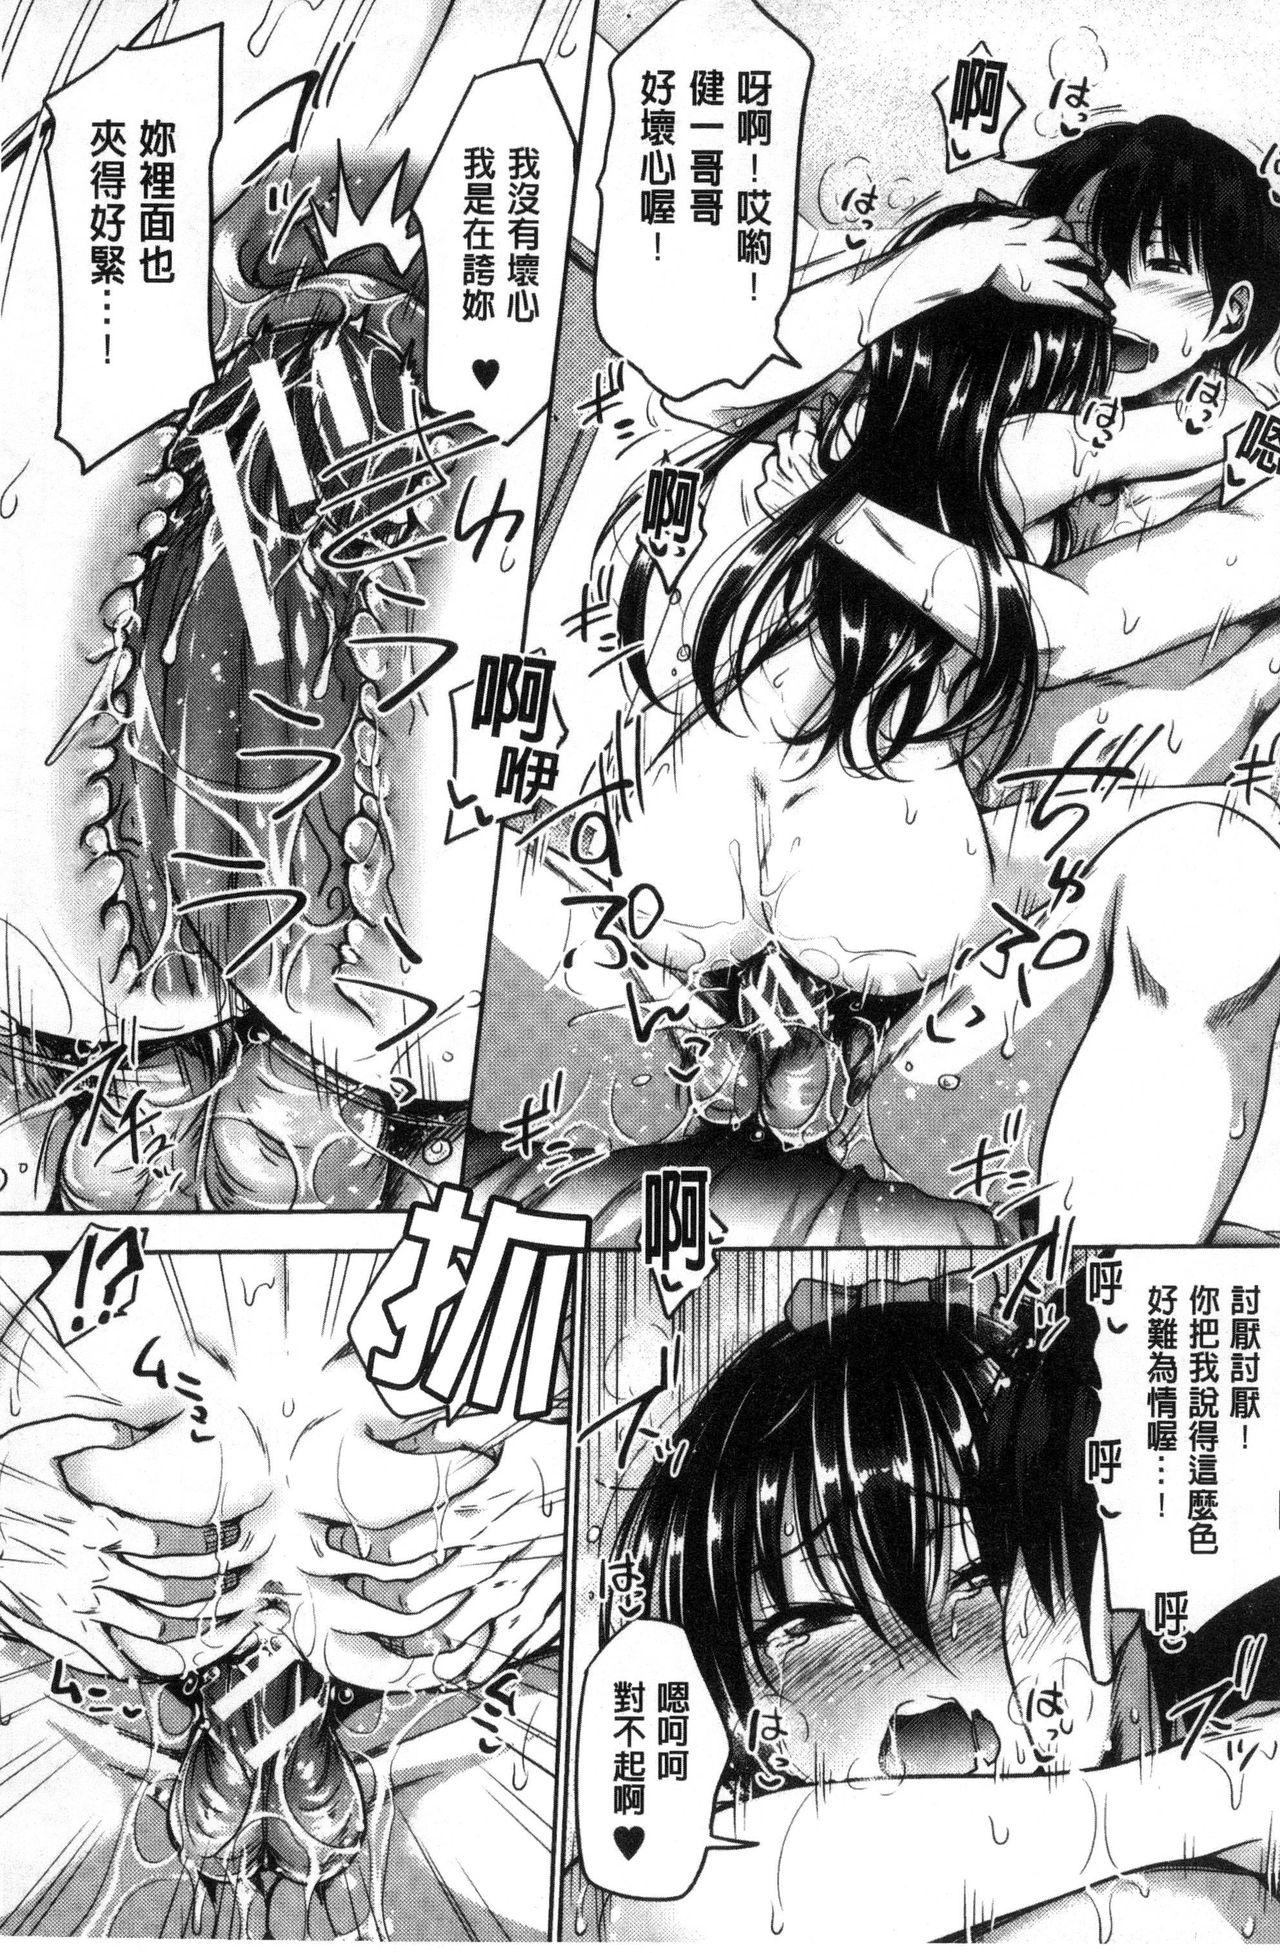 [Takuwan] Sanshimai Show Time -Moshi Ore ga 10-nen mae no Sugata de Seishun Yarinaosetara- | 三姉妹ShowTime -如果我以10年前的模樣青春再玩一次的話- [Chinese] 108